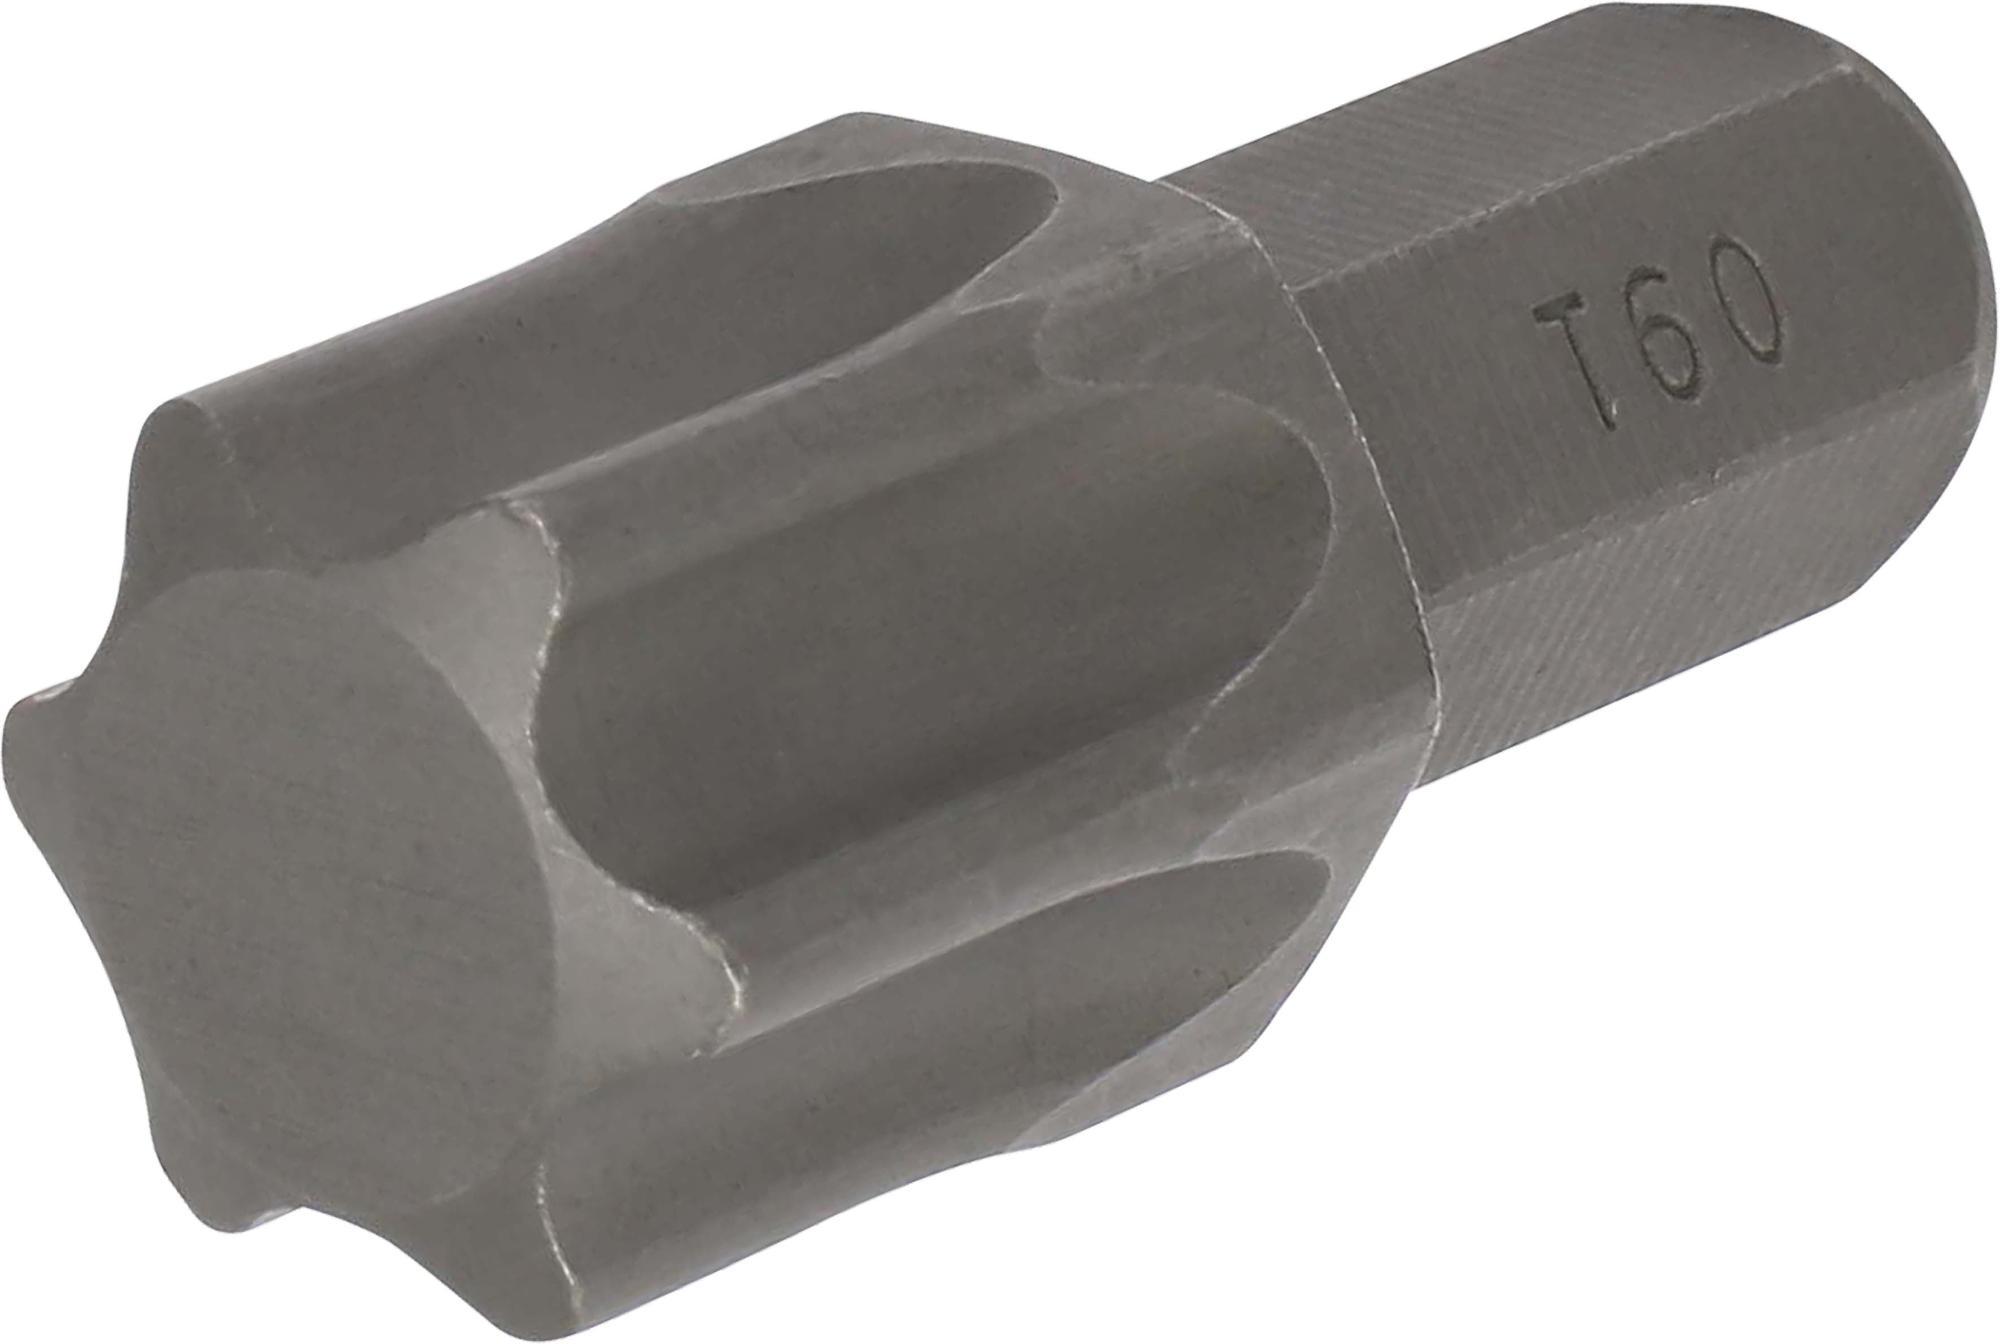 Bit, 8 mm 6-hran, TORX T60x30 mm